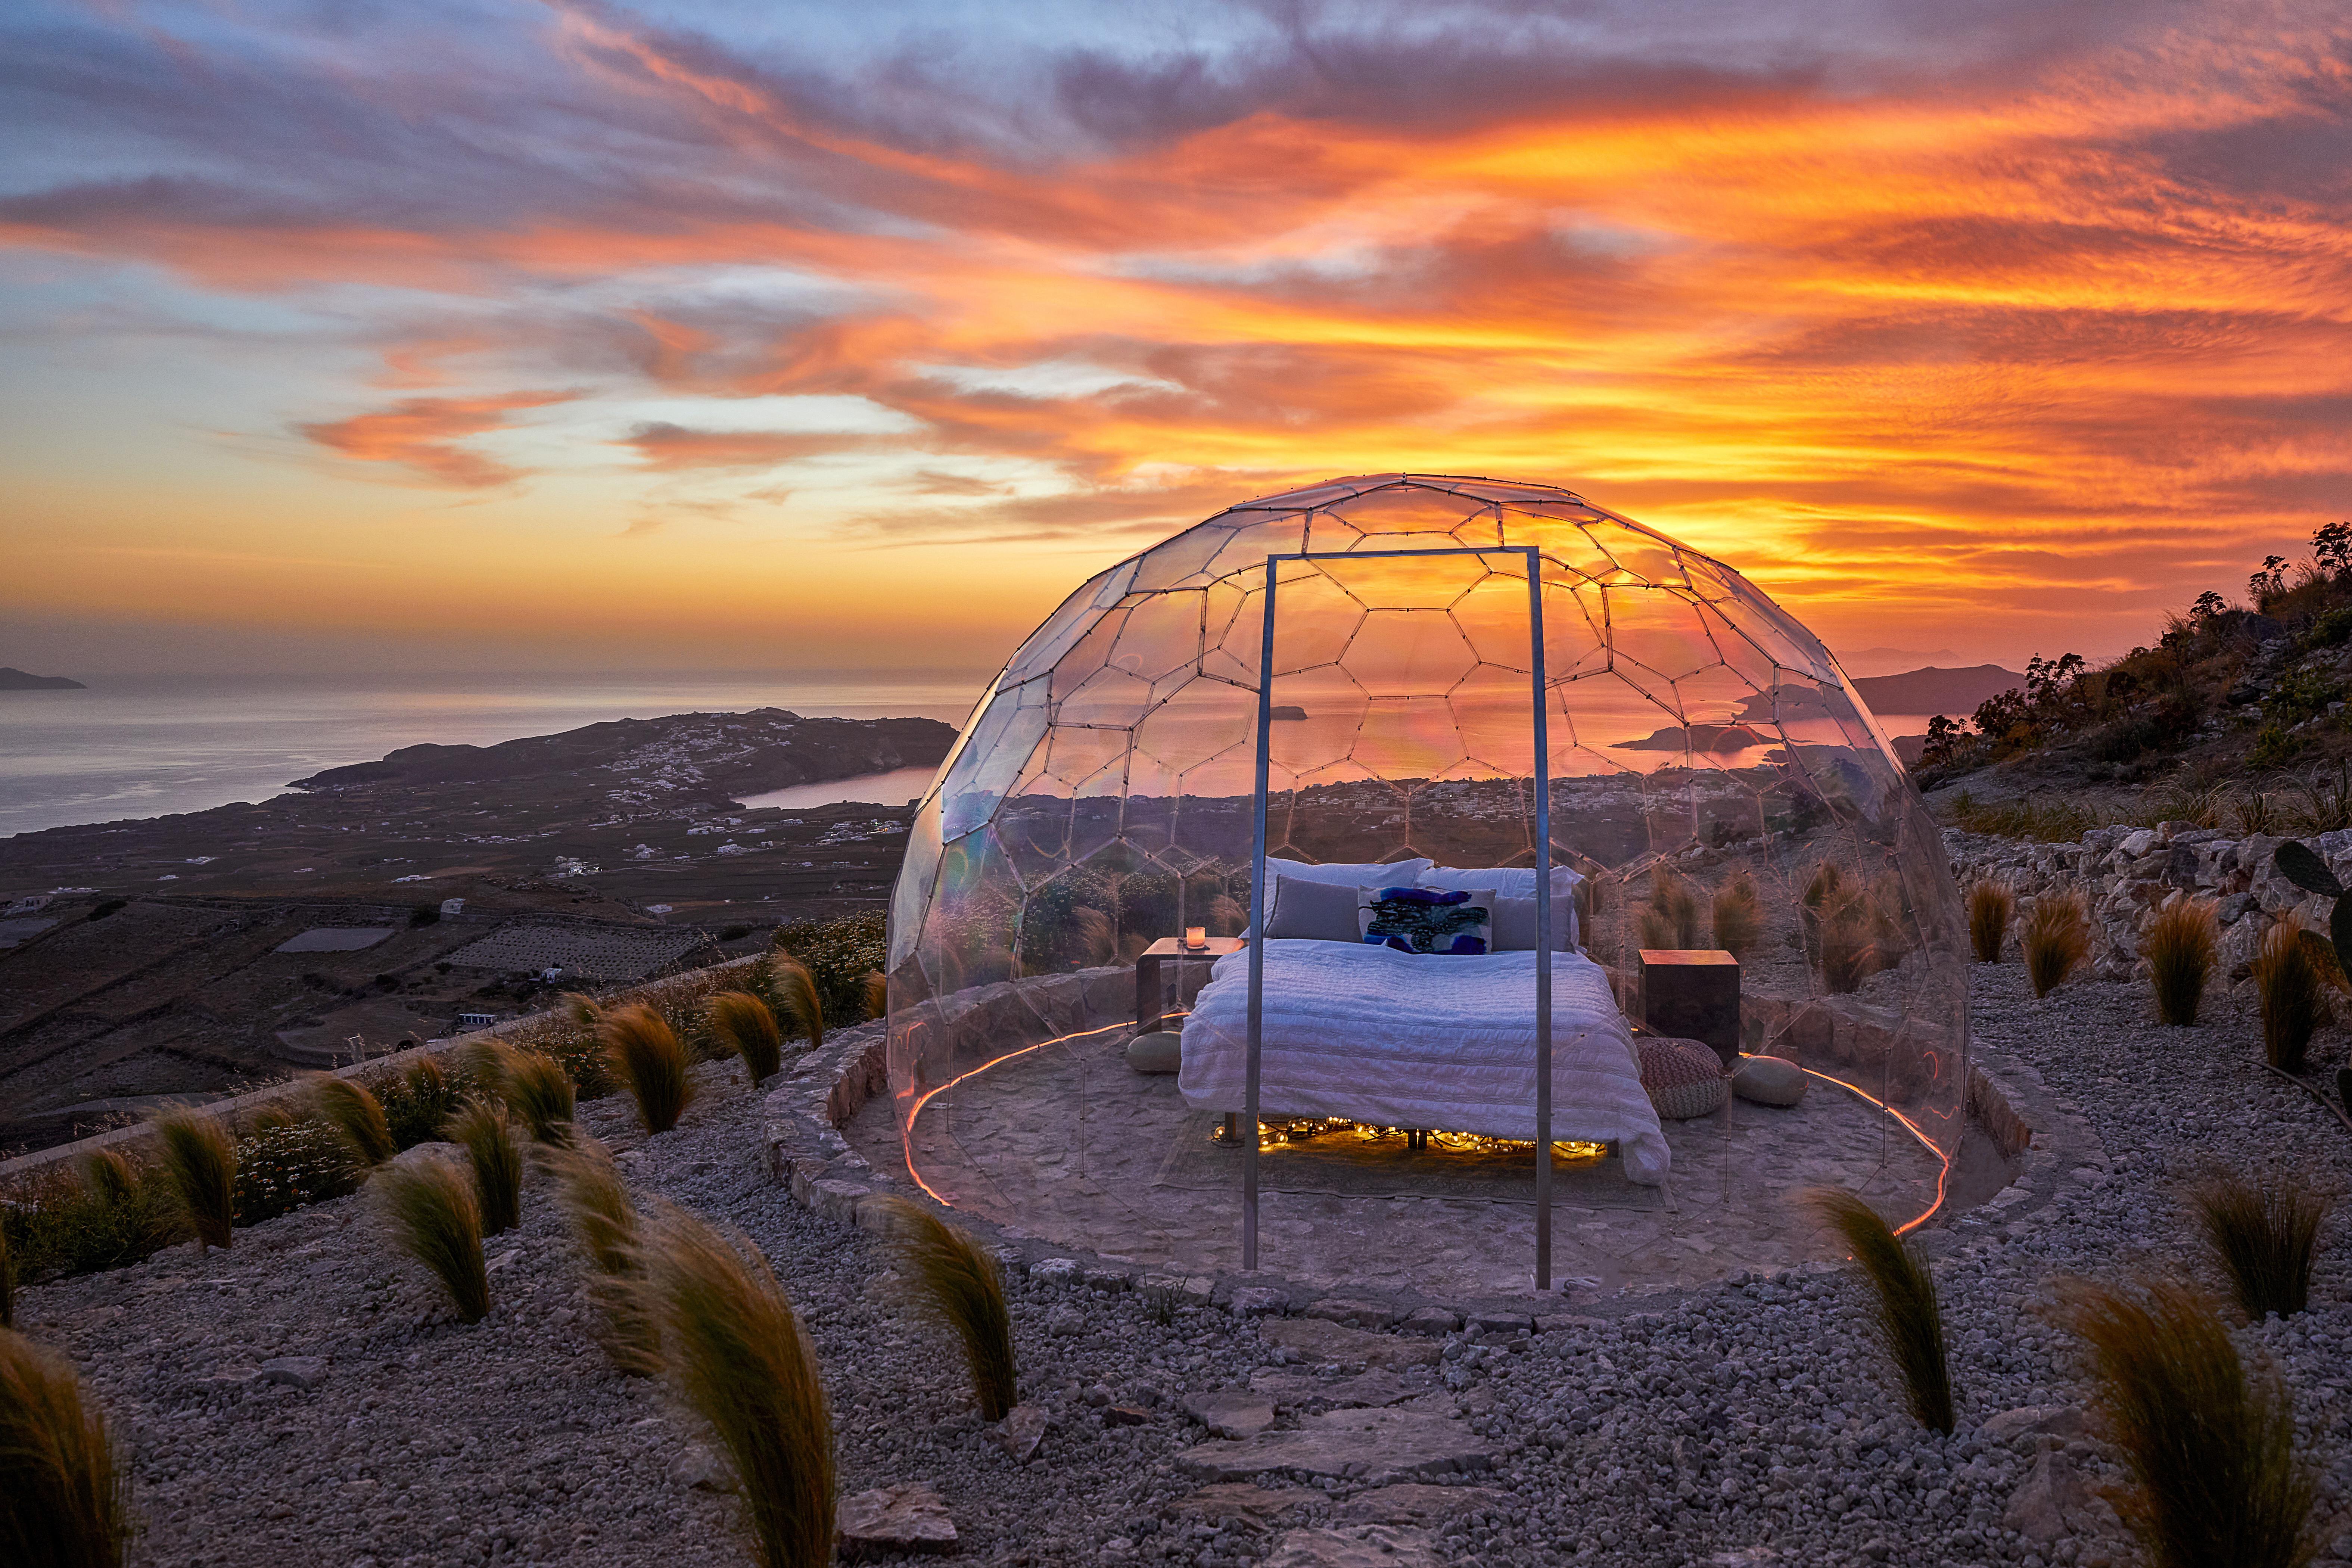 Αυτό είναι σίγουρα ένα από τα πιο ιδιαίτερα spot της Ελλάδας για καλοκαιρινές διακοπές Το Sky Dome στο ψηλότερο σημείο της Σαντορίνης προσφέρει μια εμπειρία που πιθανότατα δεν έχεις ξαναζήσει μέχρι σήμερα...